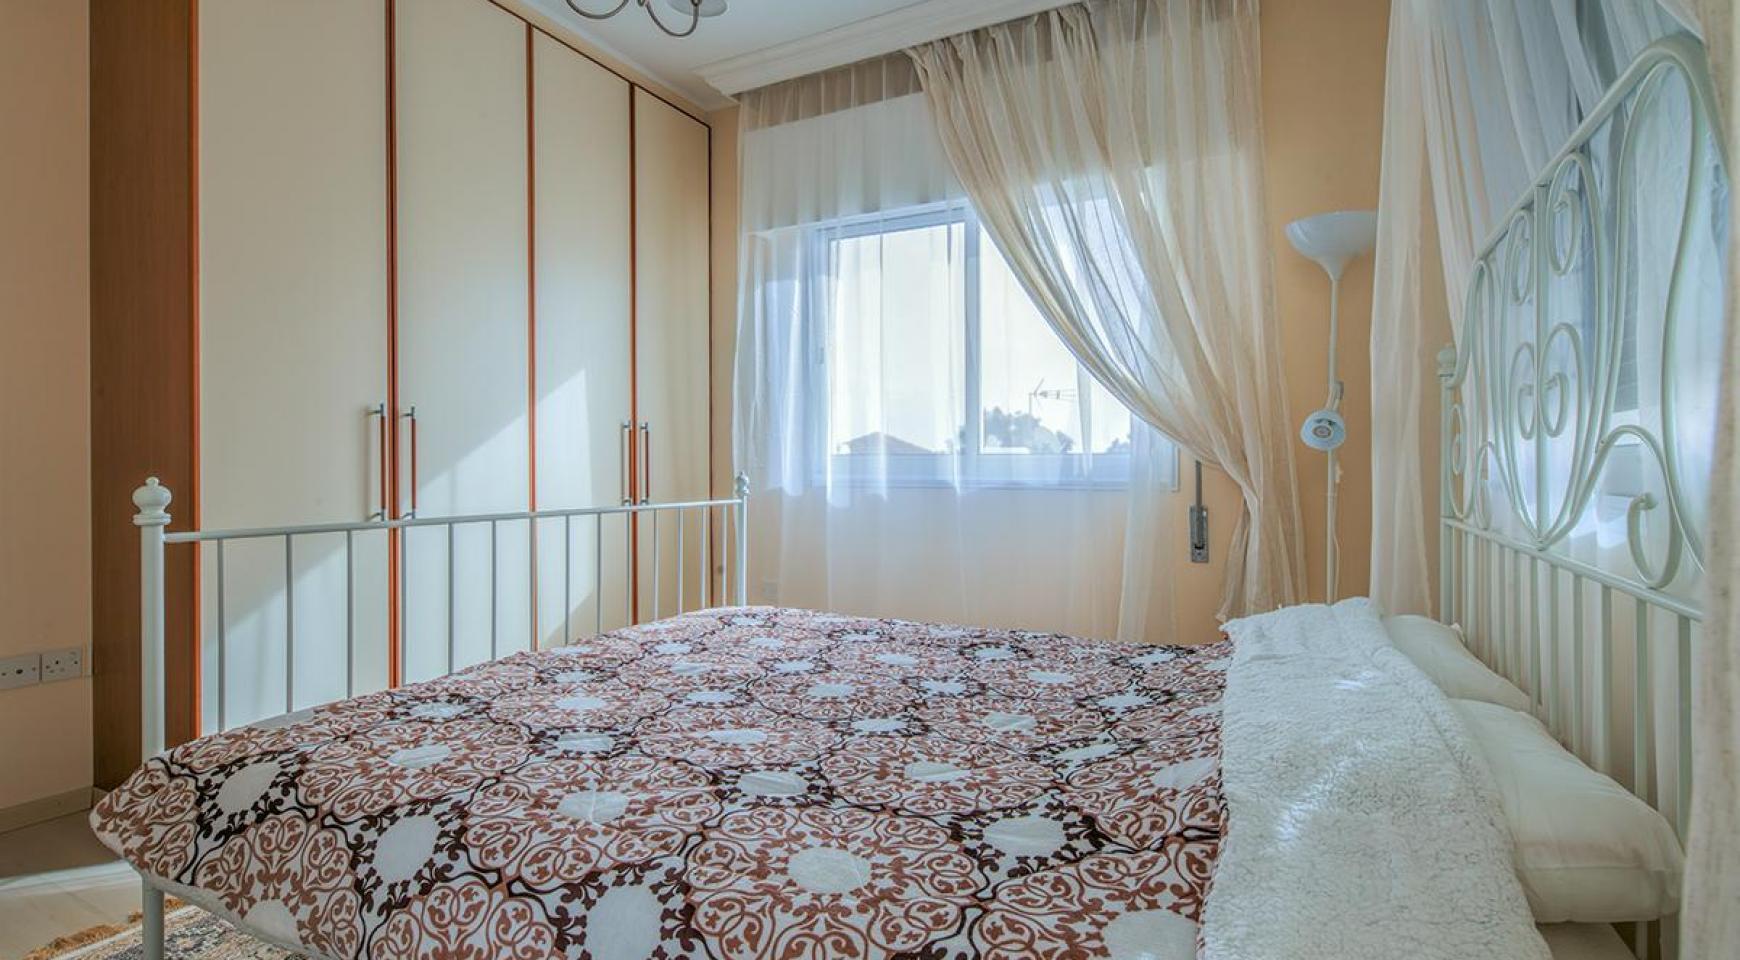 """2-Спальная Квартира - Люкс """"Mesogios Iris 301"""" в Туристической Зоне возле Моря - 6"""